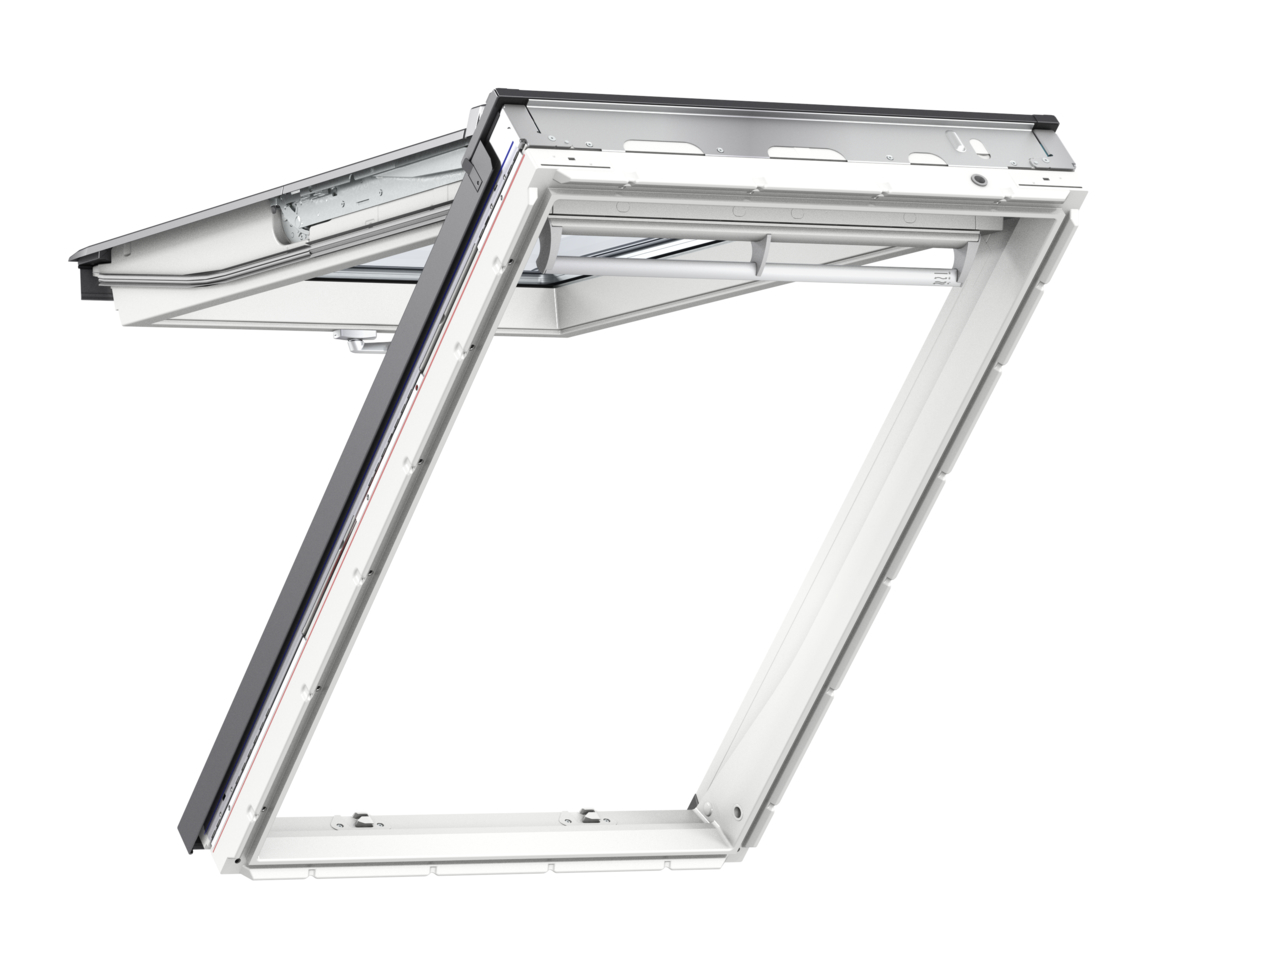 Výklopně-kyvné okno VELUX GPU 0062 rozměr: MK10 78x160 cm